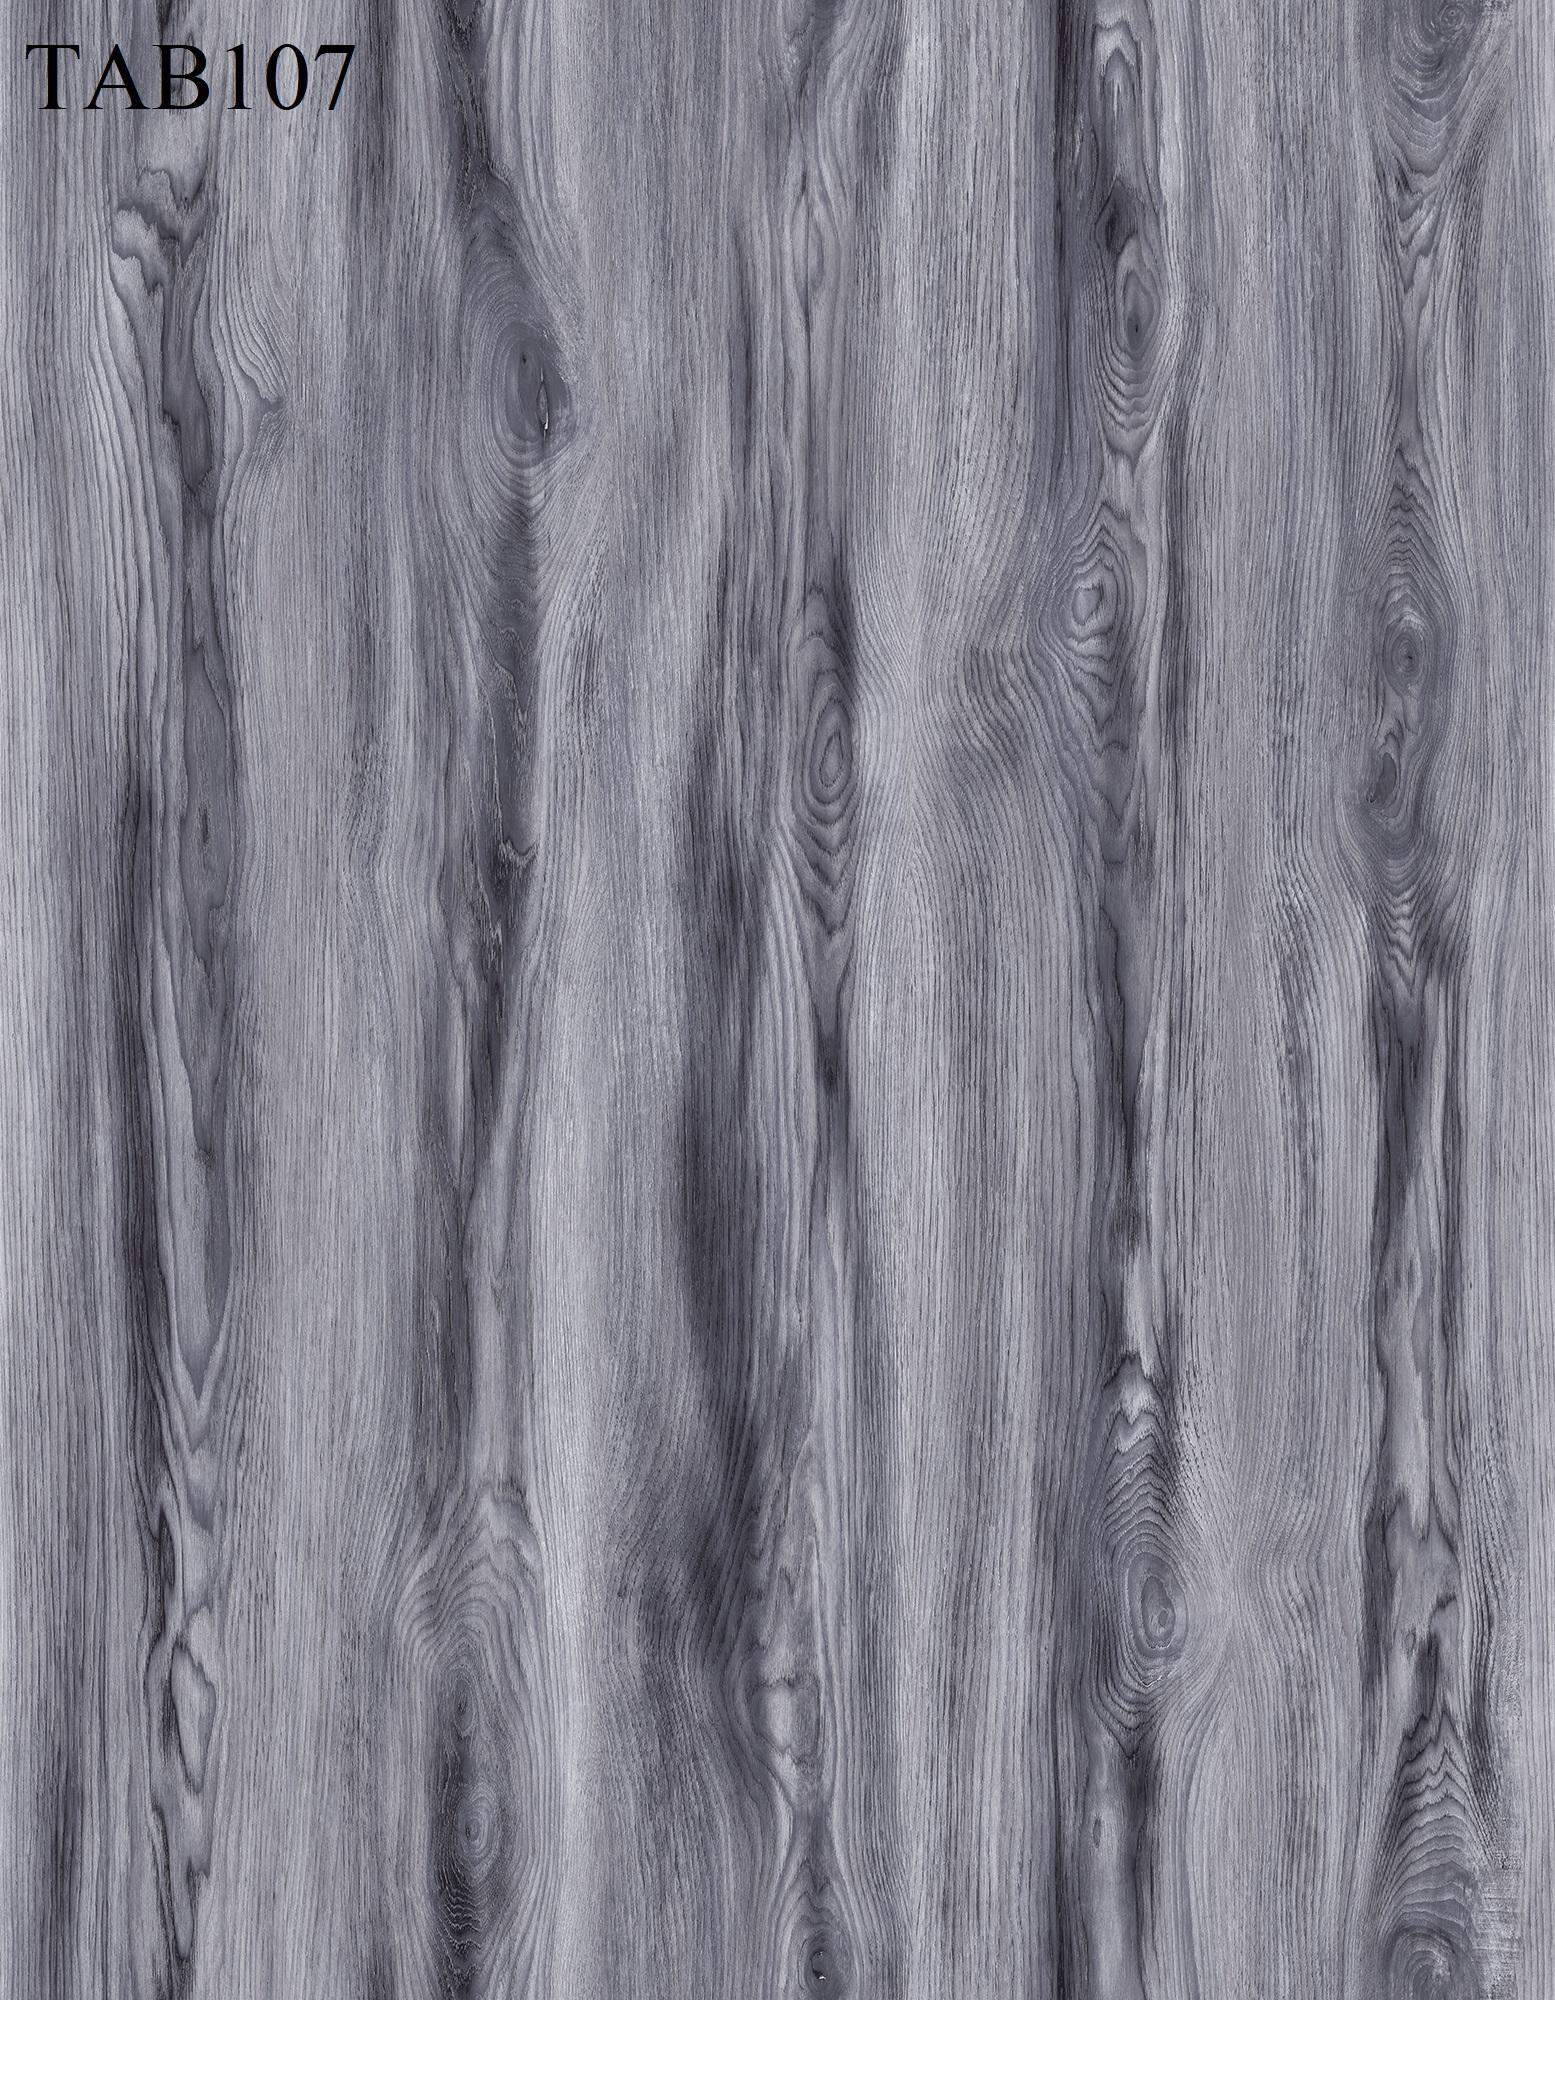 www.flooringmanufacture.com